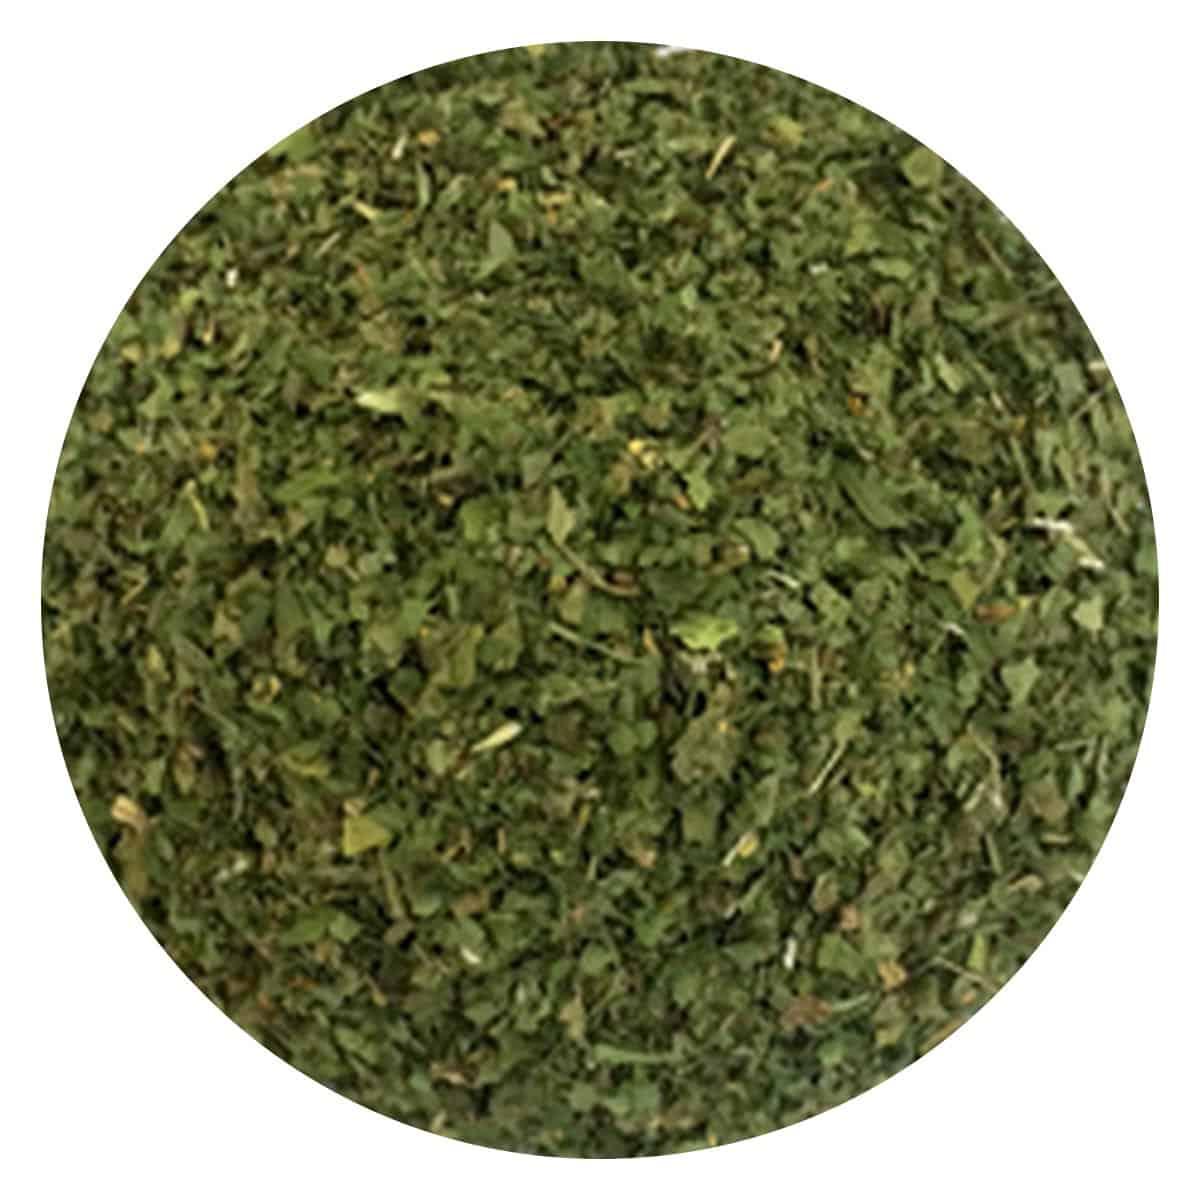 Buy IAG Foods Dried Coriander Leaves - 1 kg